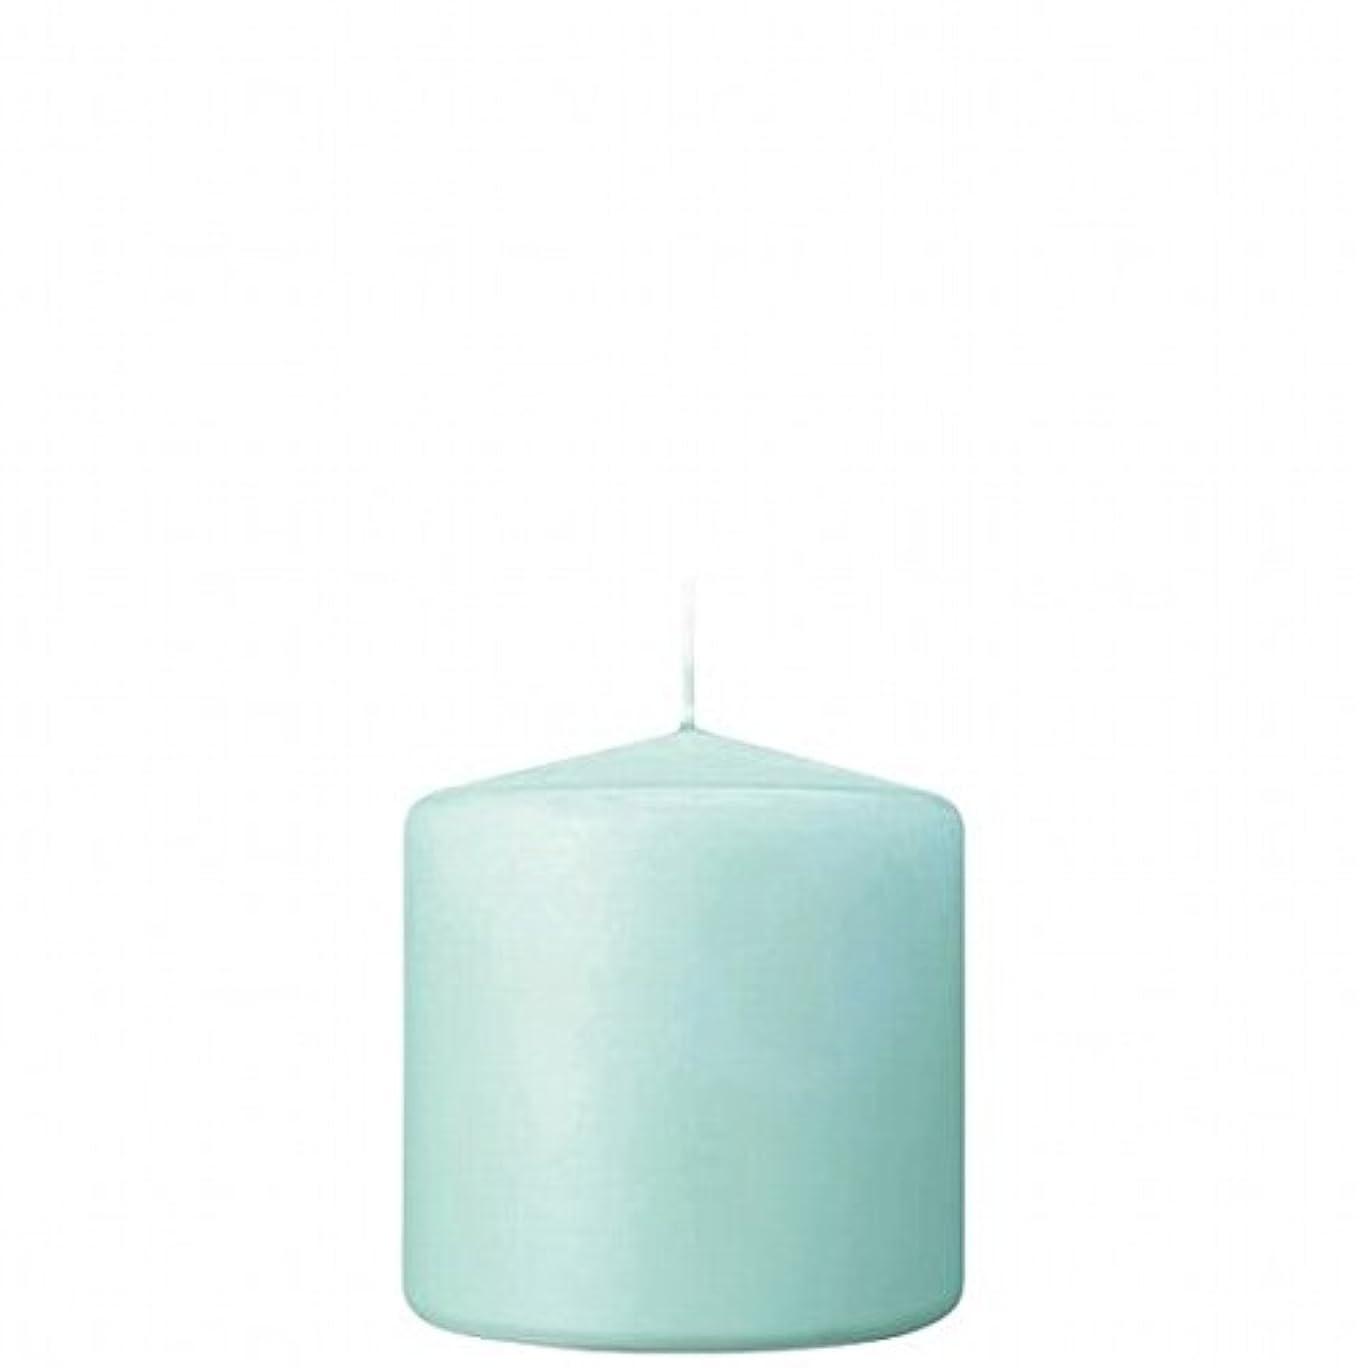 くちばし頂点有害kameyama candle(カメヤマキャンドル) 3×3ベルトップピラーキャンドル 「 ライトブルー 」(A9730000LB)